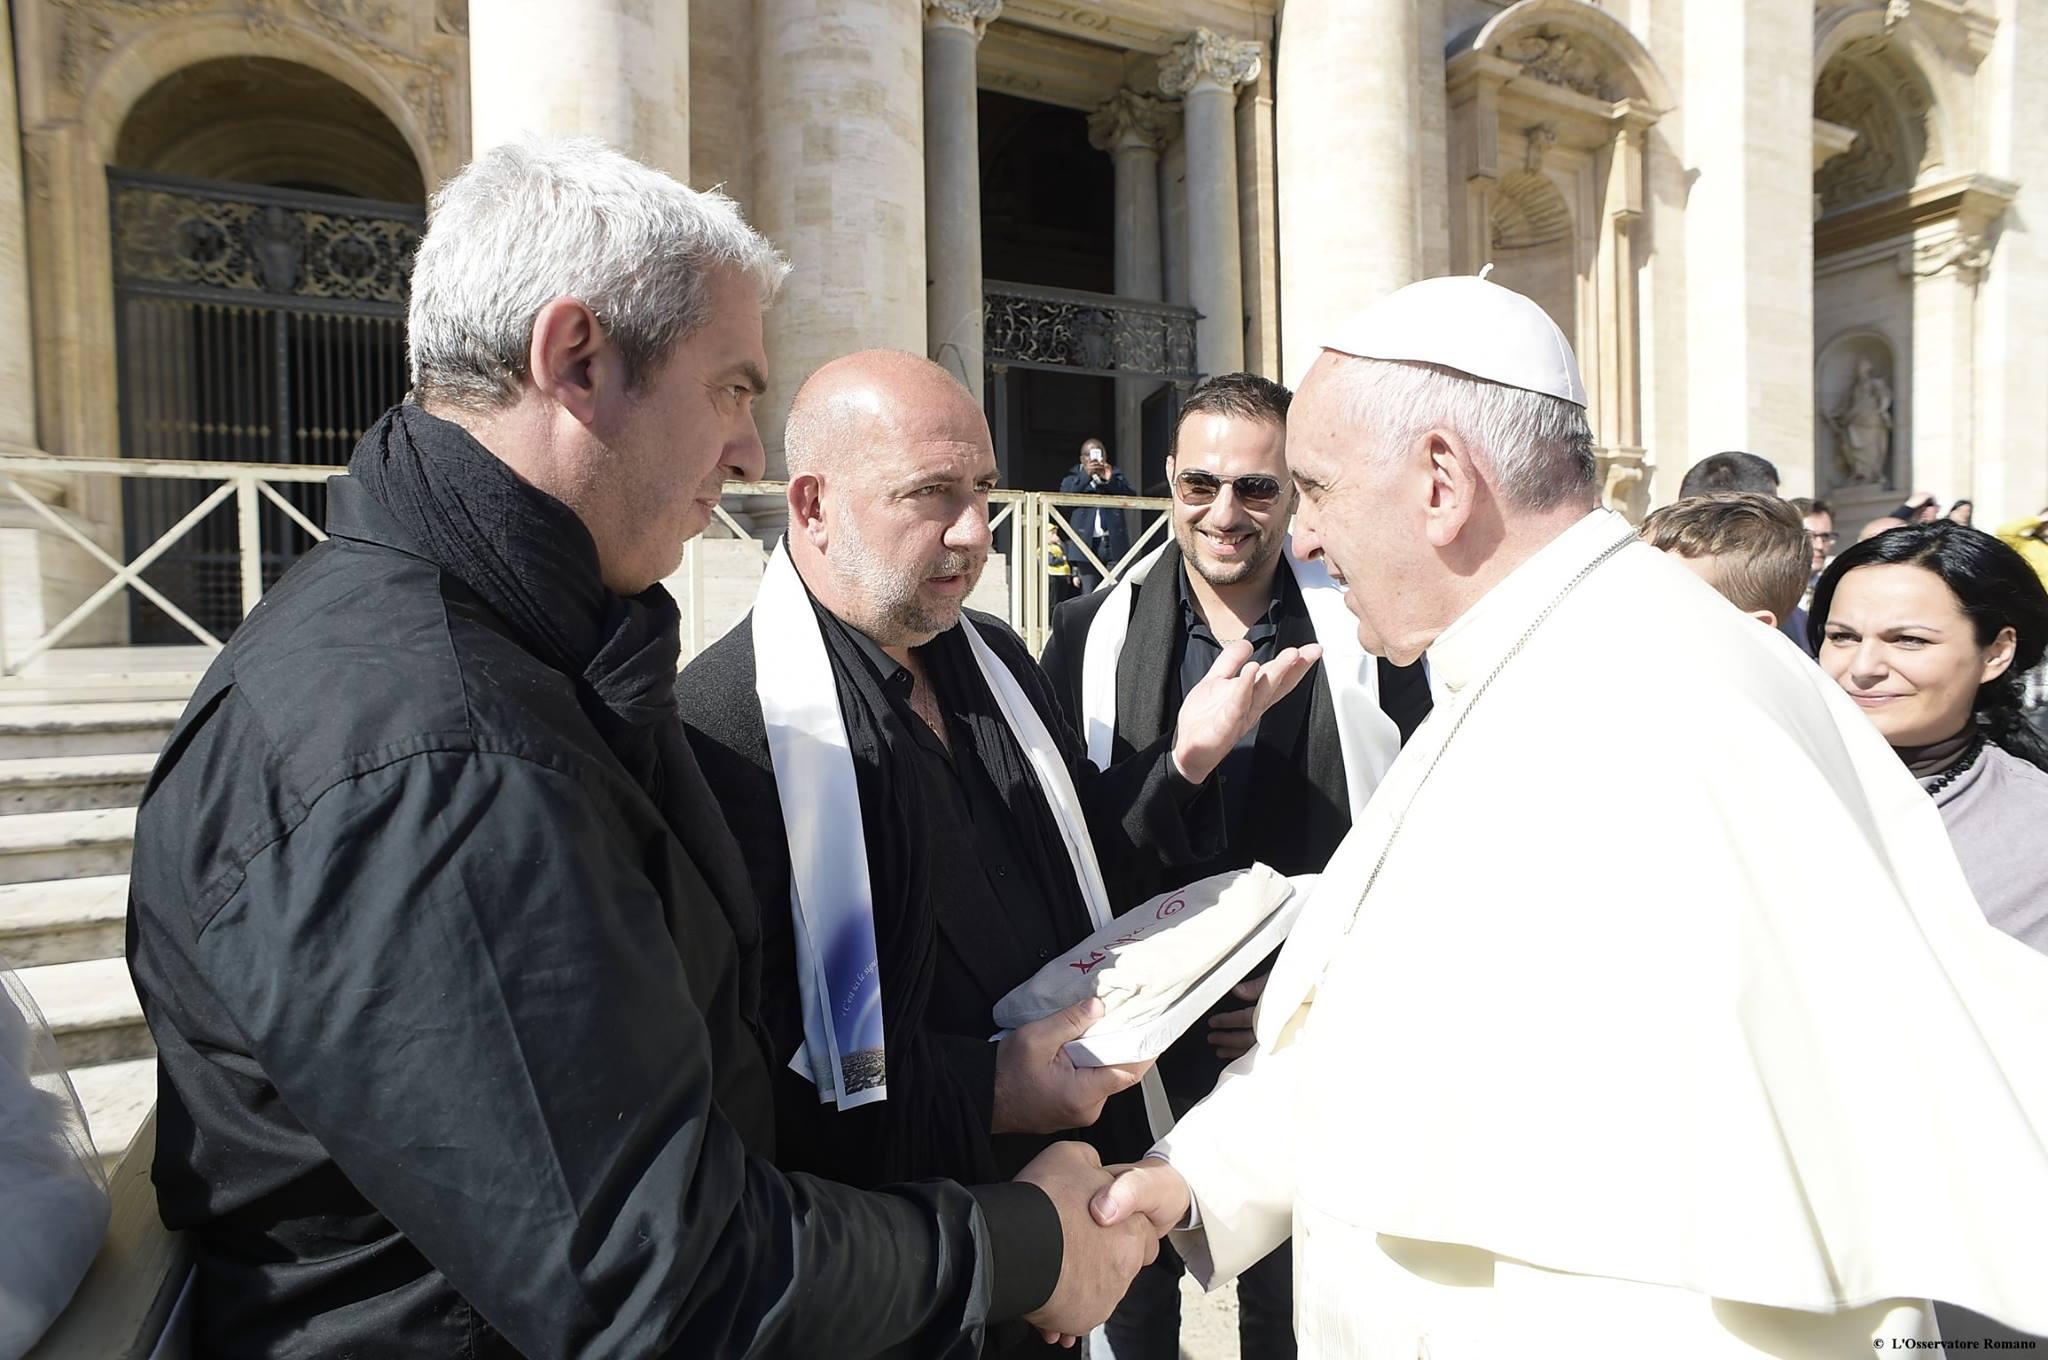 """Rome : Le groupe Arapà a chanté le """"Diu vi salvi Regina"""" devant le Pape François"""